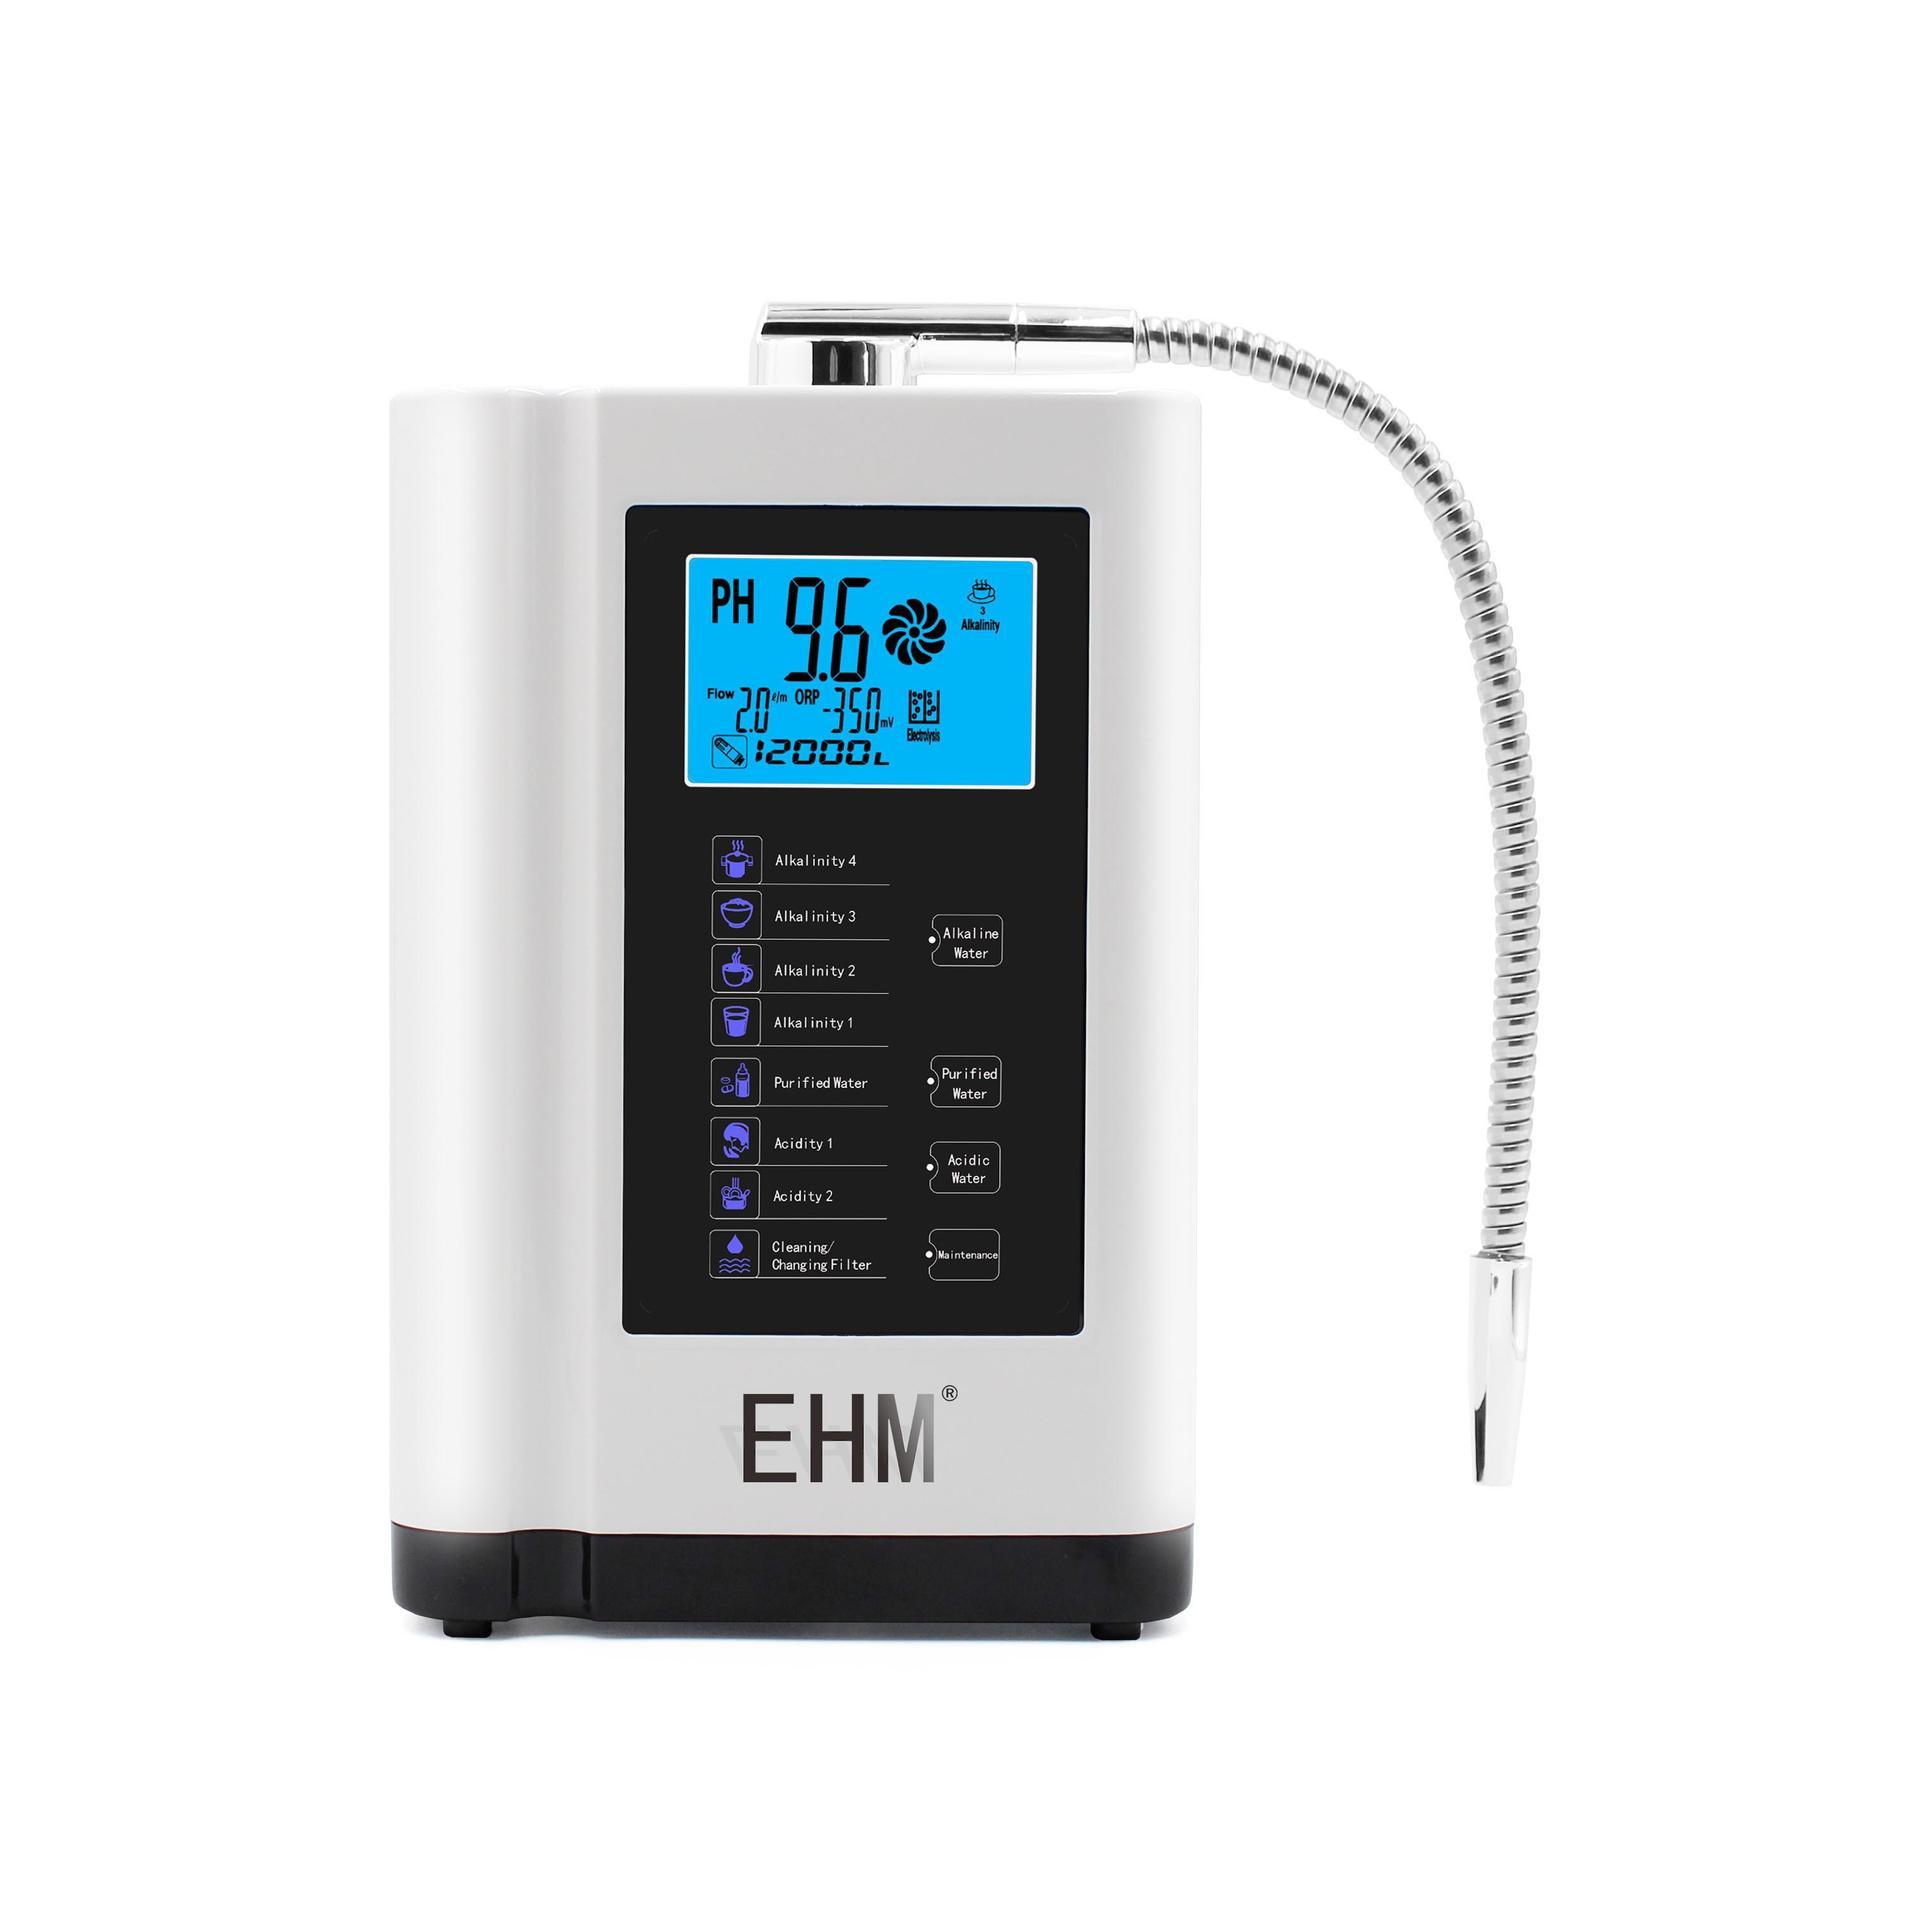 EHM -729 water ionizer